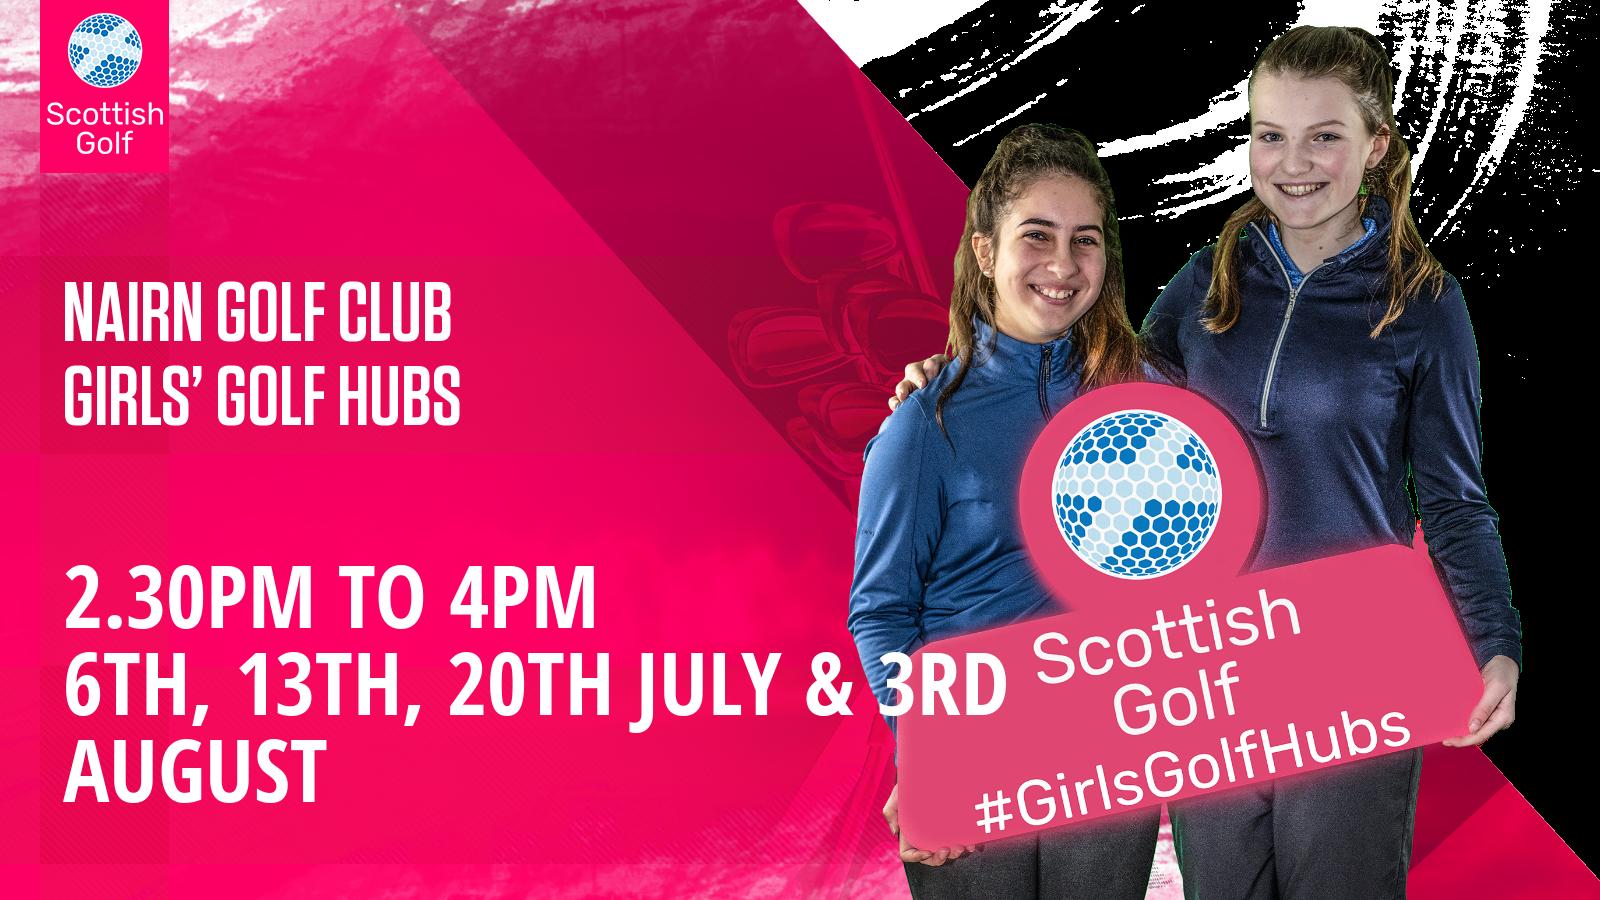 Nairn Golf Club Girls Golf Hub